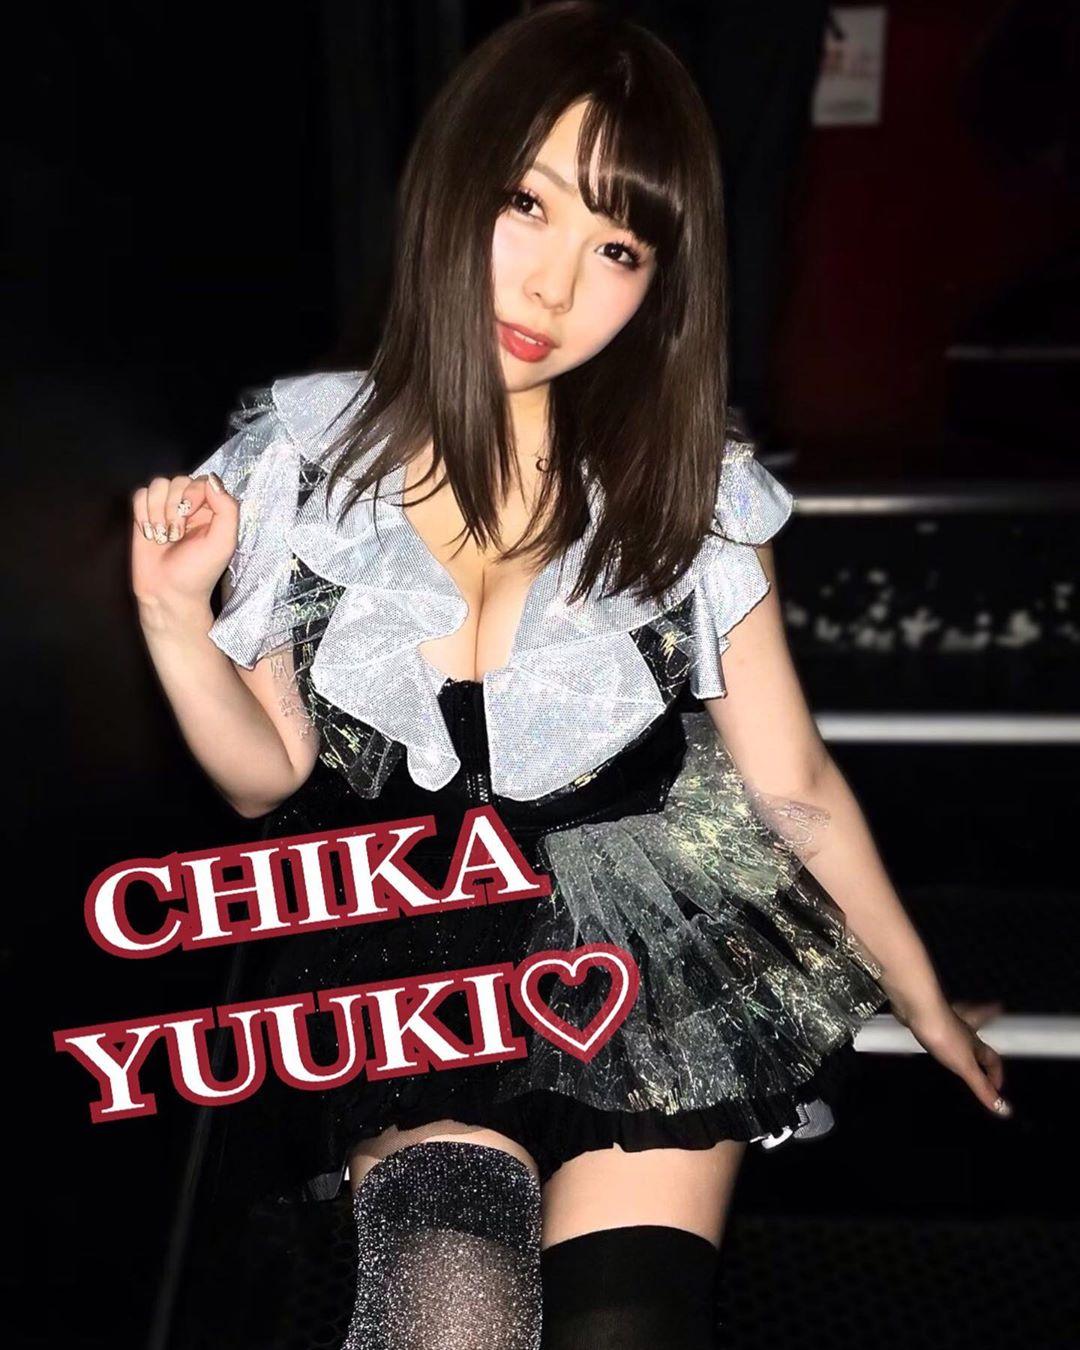 yuuki_chika044.jpg